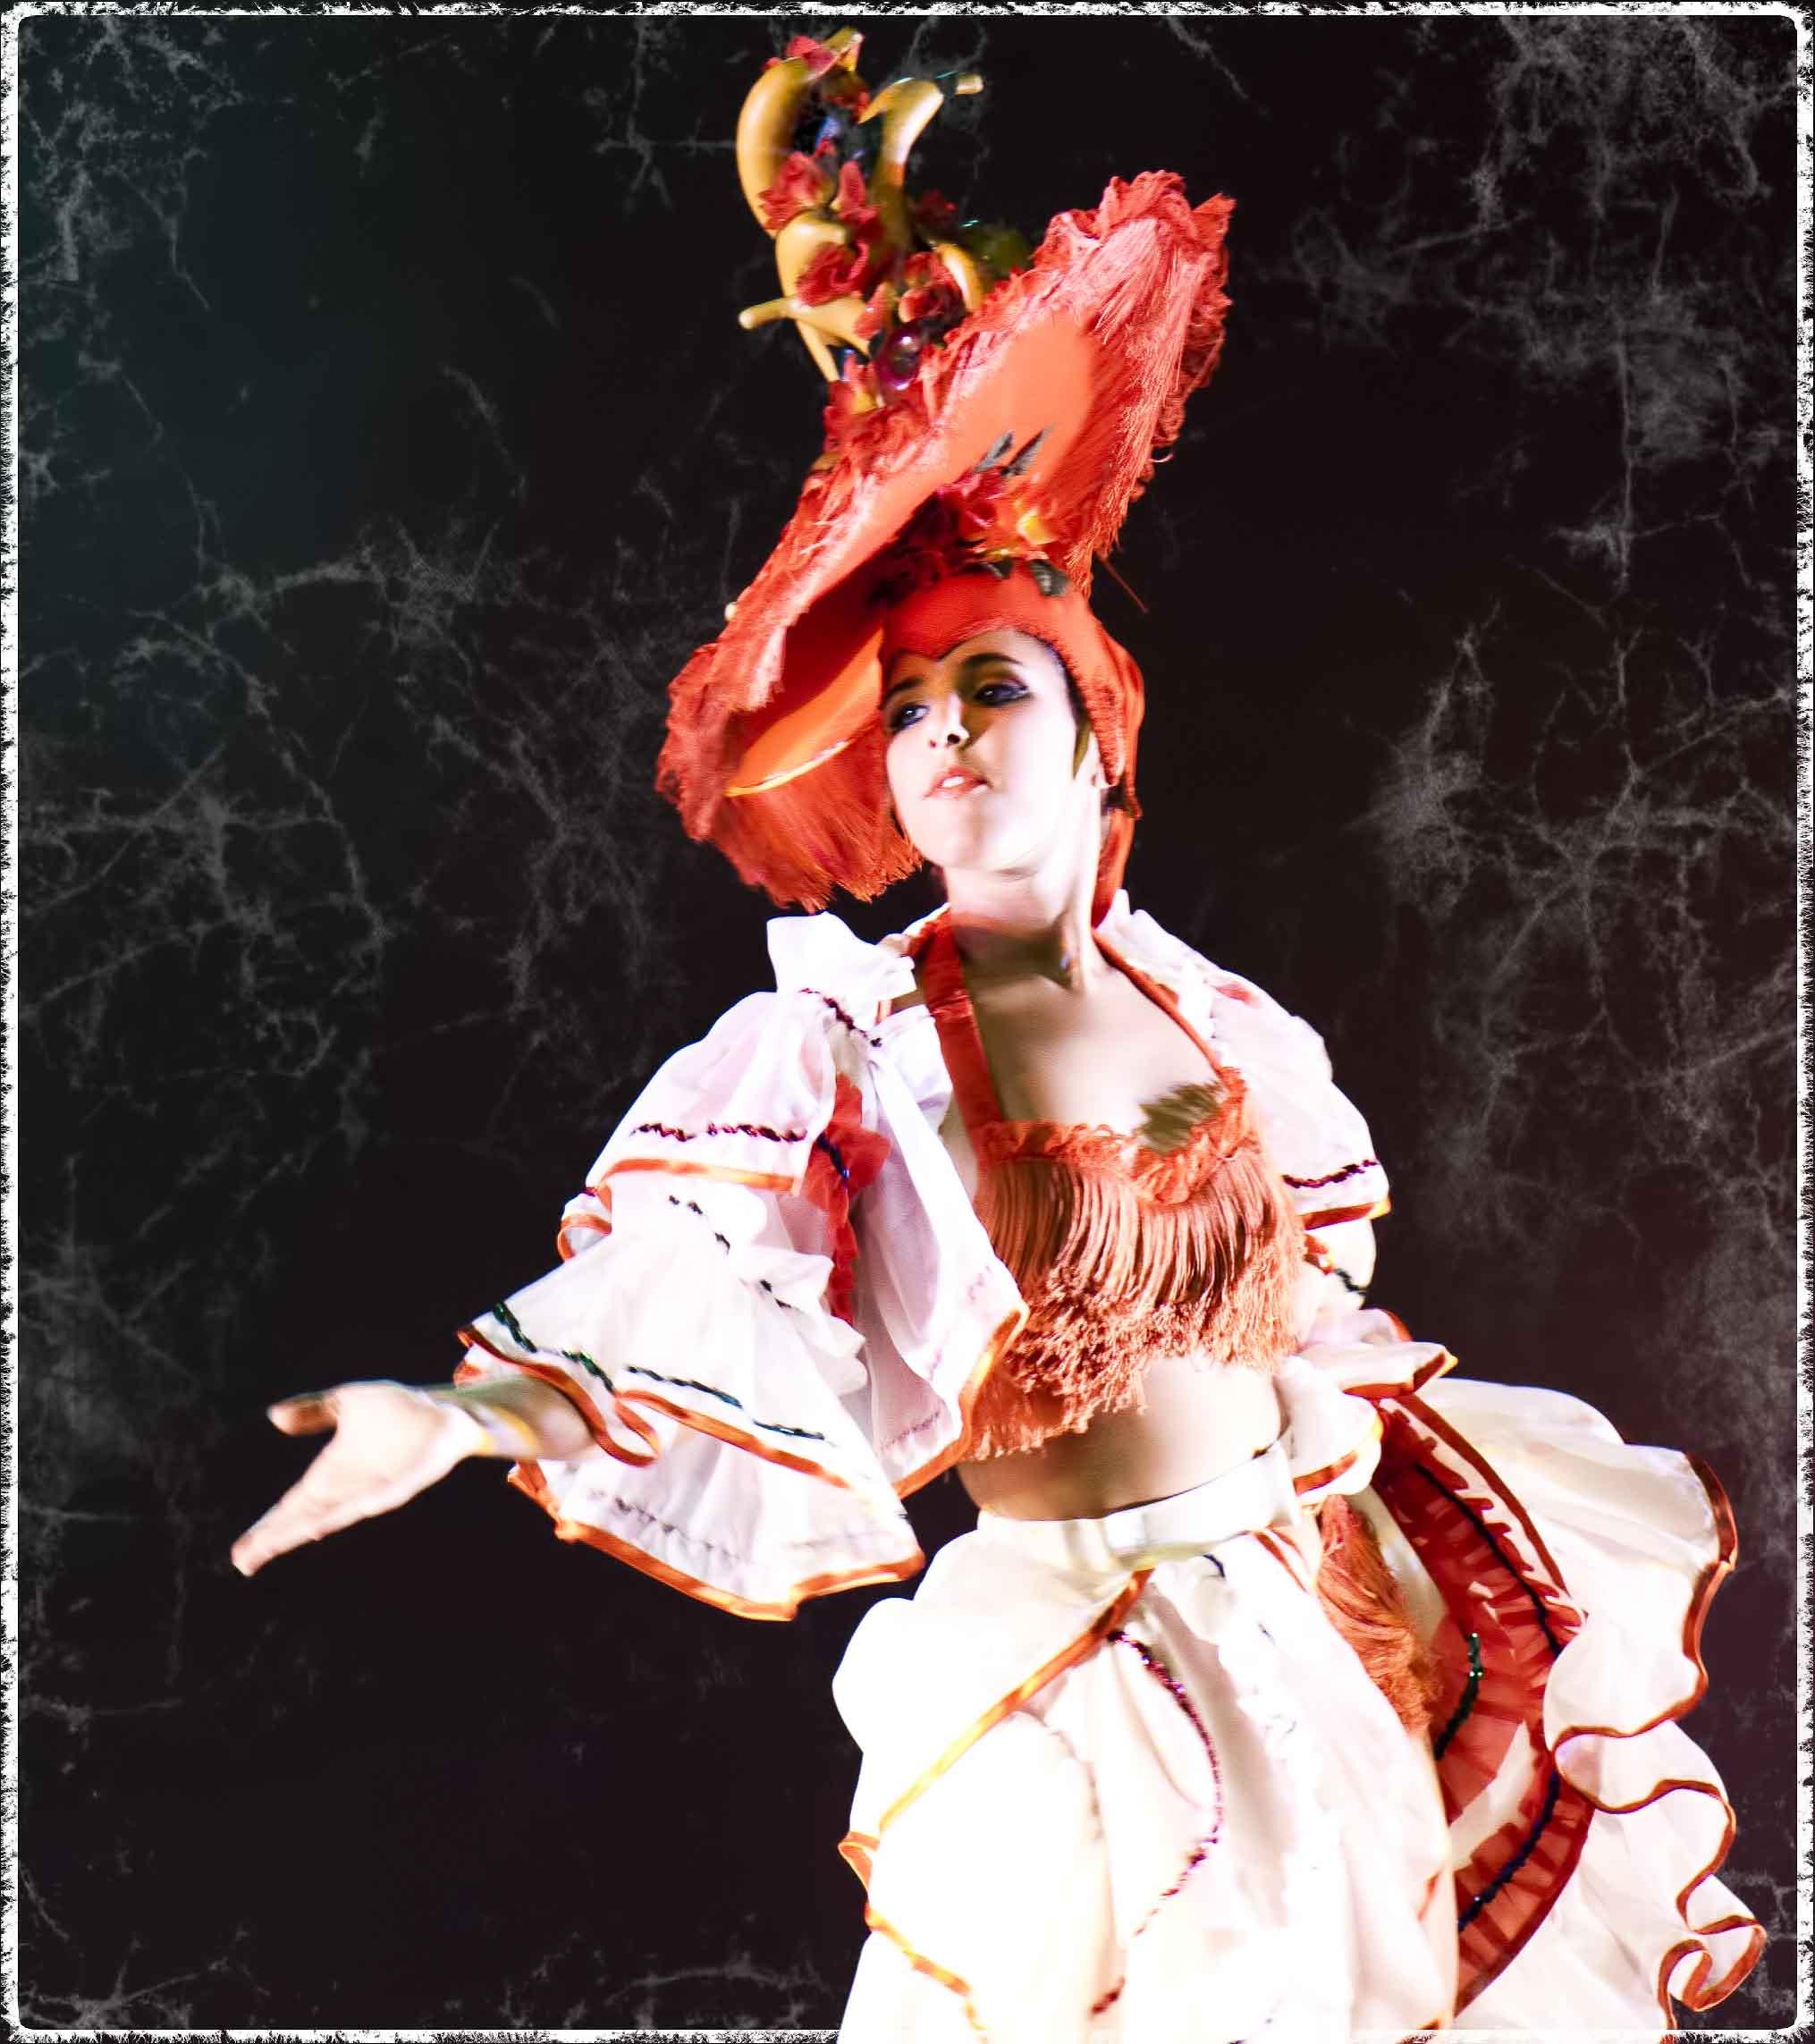 """Foto de una bailarina de la Compañía de Danza Sandra Santa Cruz bailando de rumbera """"Fashion Dance Show"""" con un gigantesco gorro con fleco alrededor y lleno de frutas tropicales."""